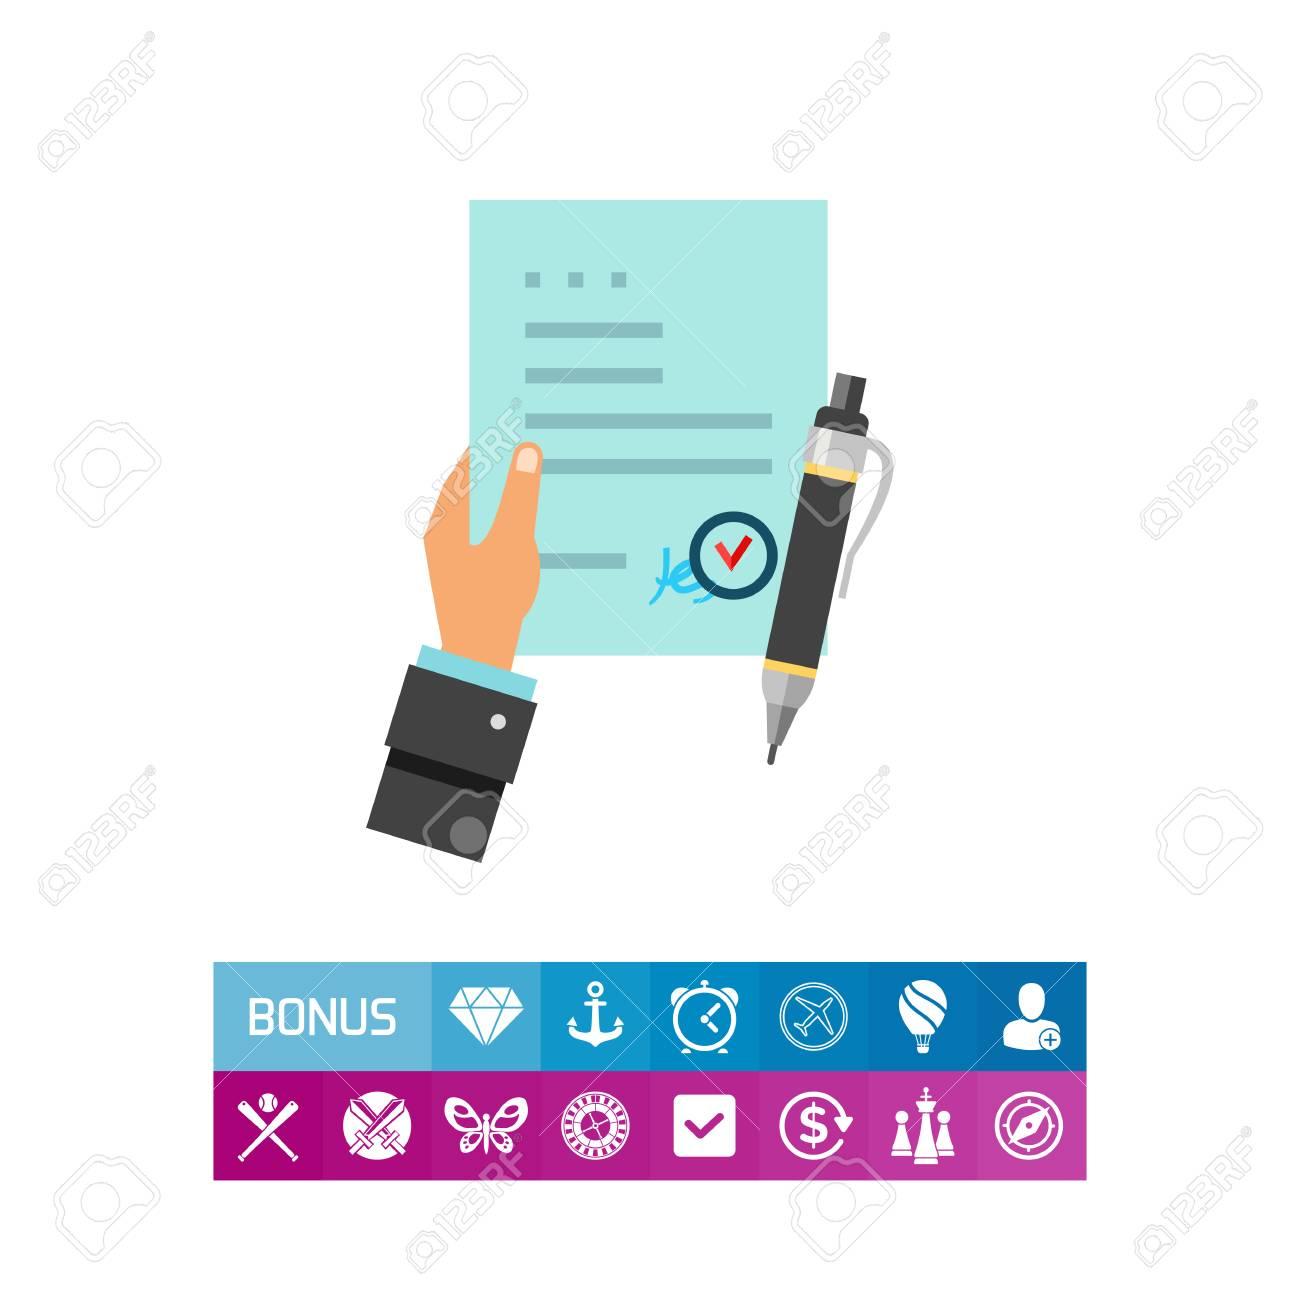 Man Hand Hält Vertrag Vereinbarung Symbol Lizenzfrei Nutzbare